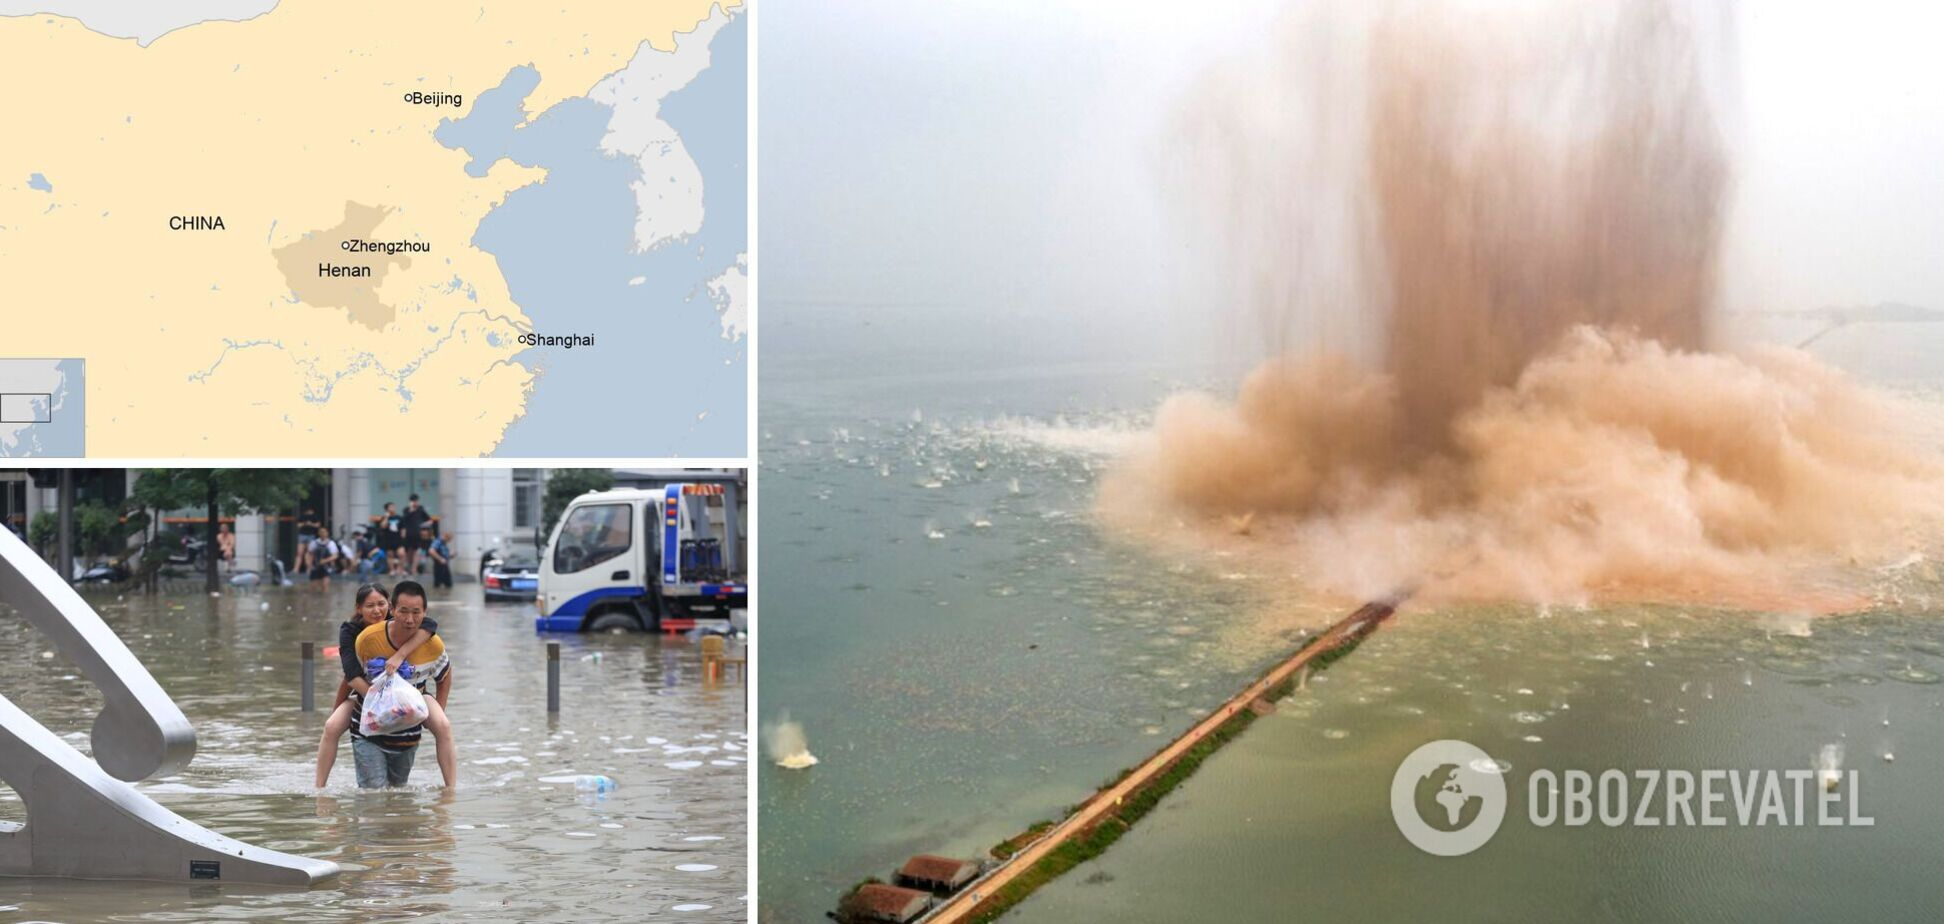 В Китае военные подорвали дамбу, чтобы спасти от наводнения людей. Видео последствий потопа